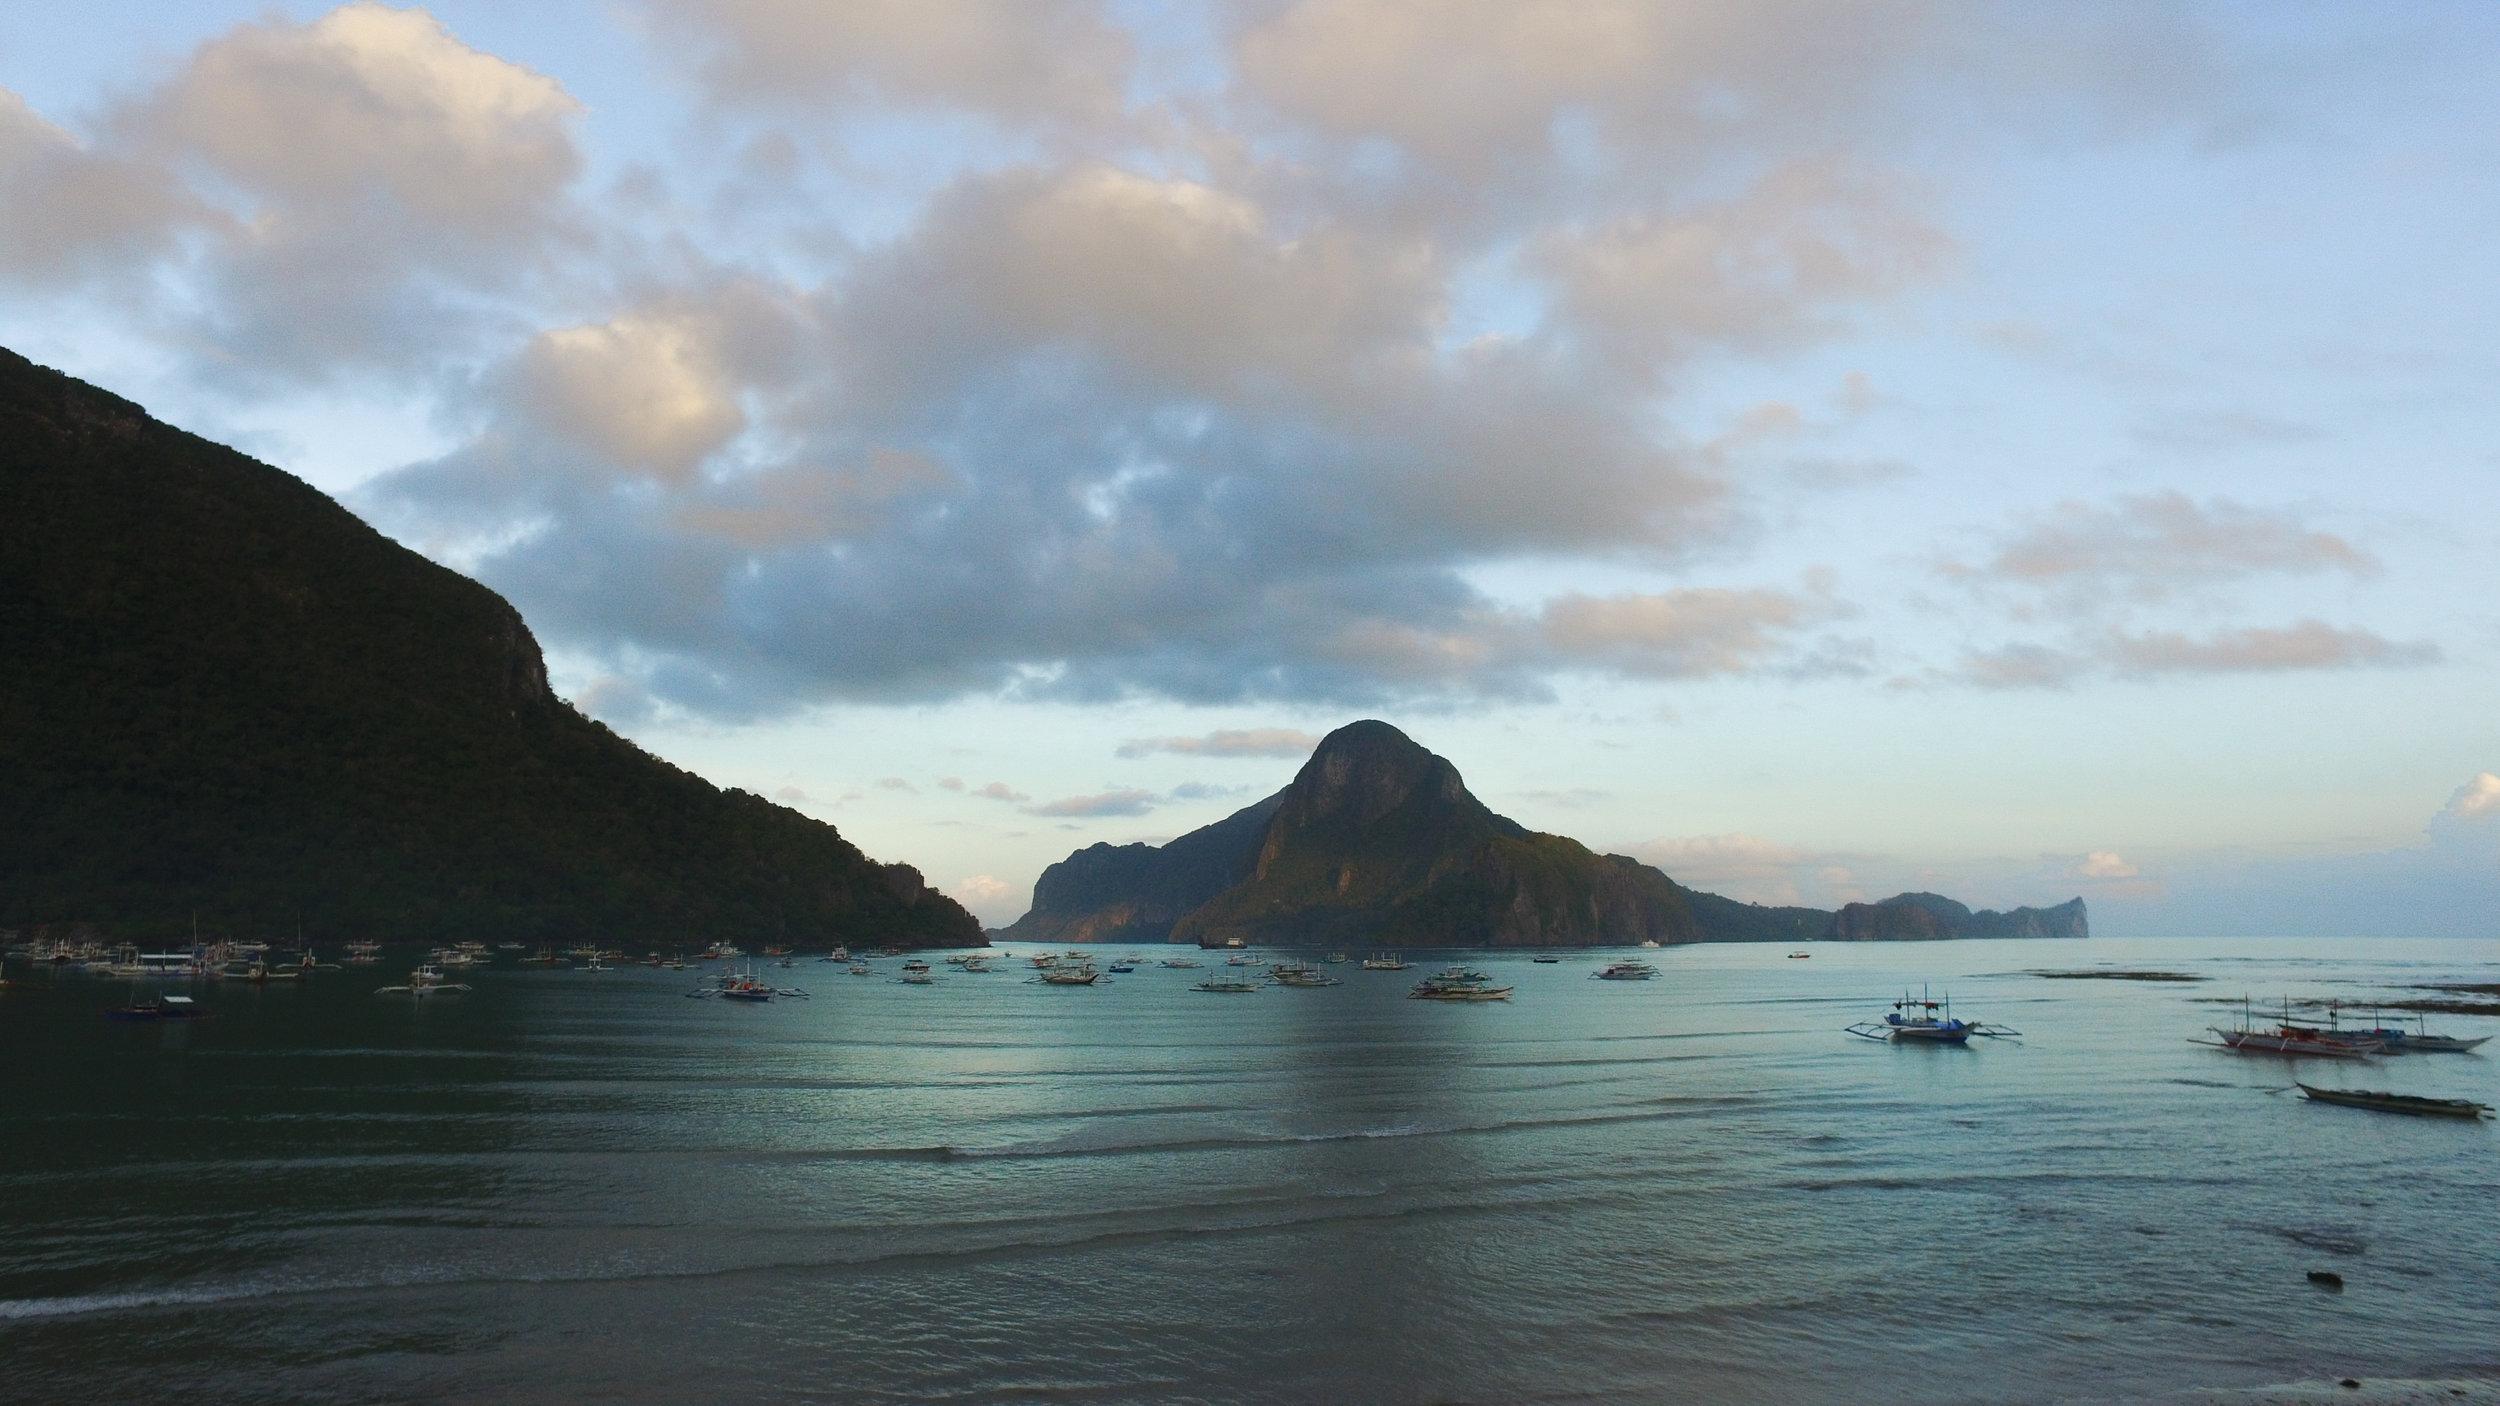 el-nido-beach-voyage-philippines.jpg